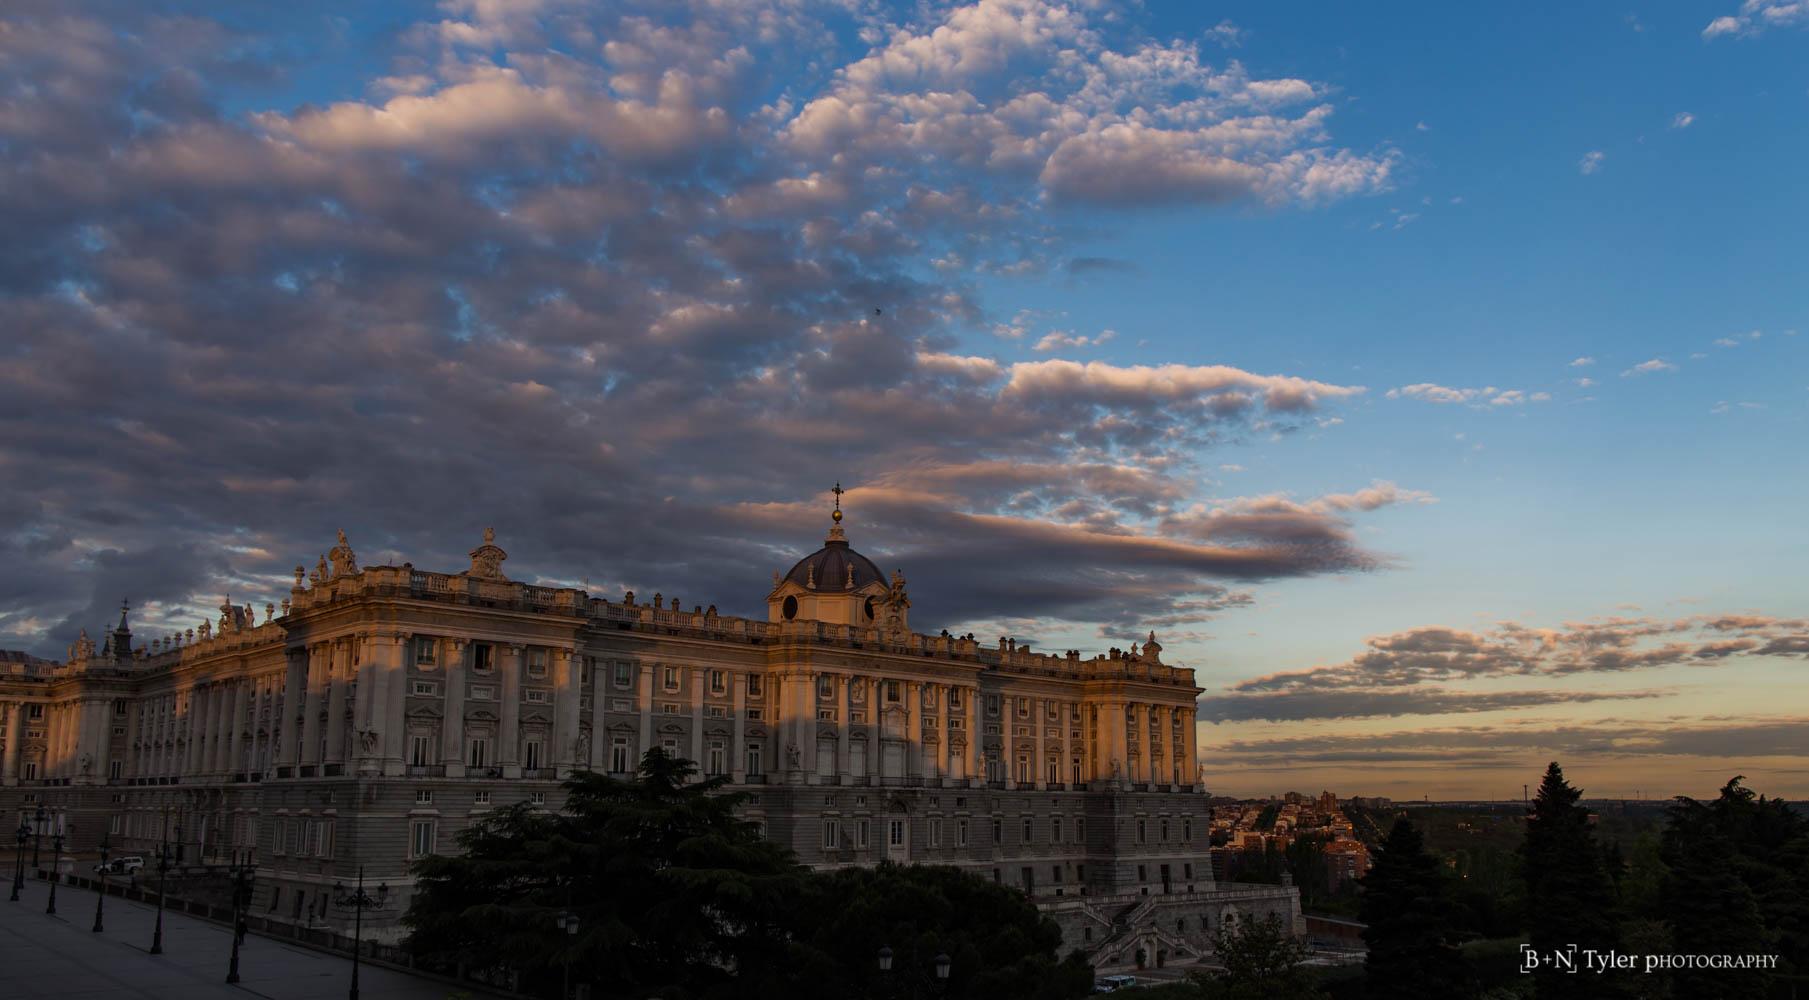 Royal Palace, Sunrise